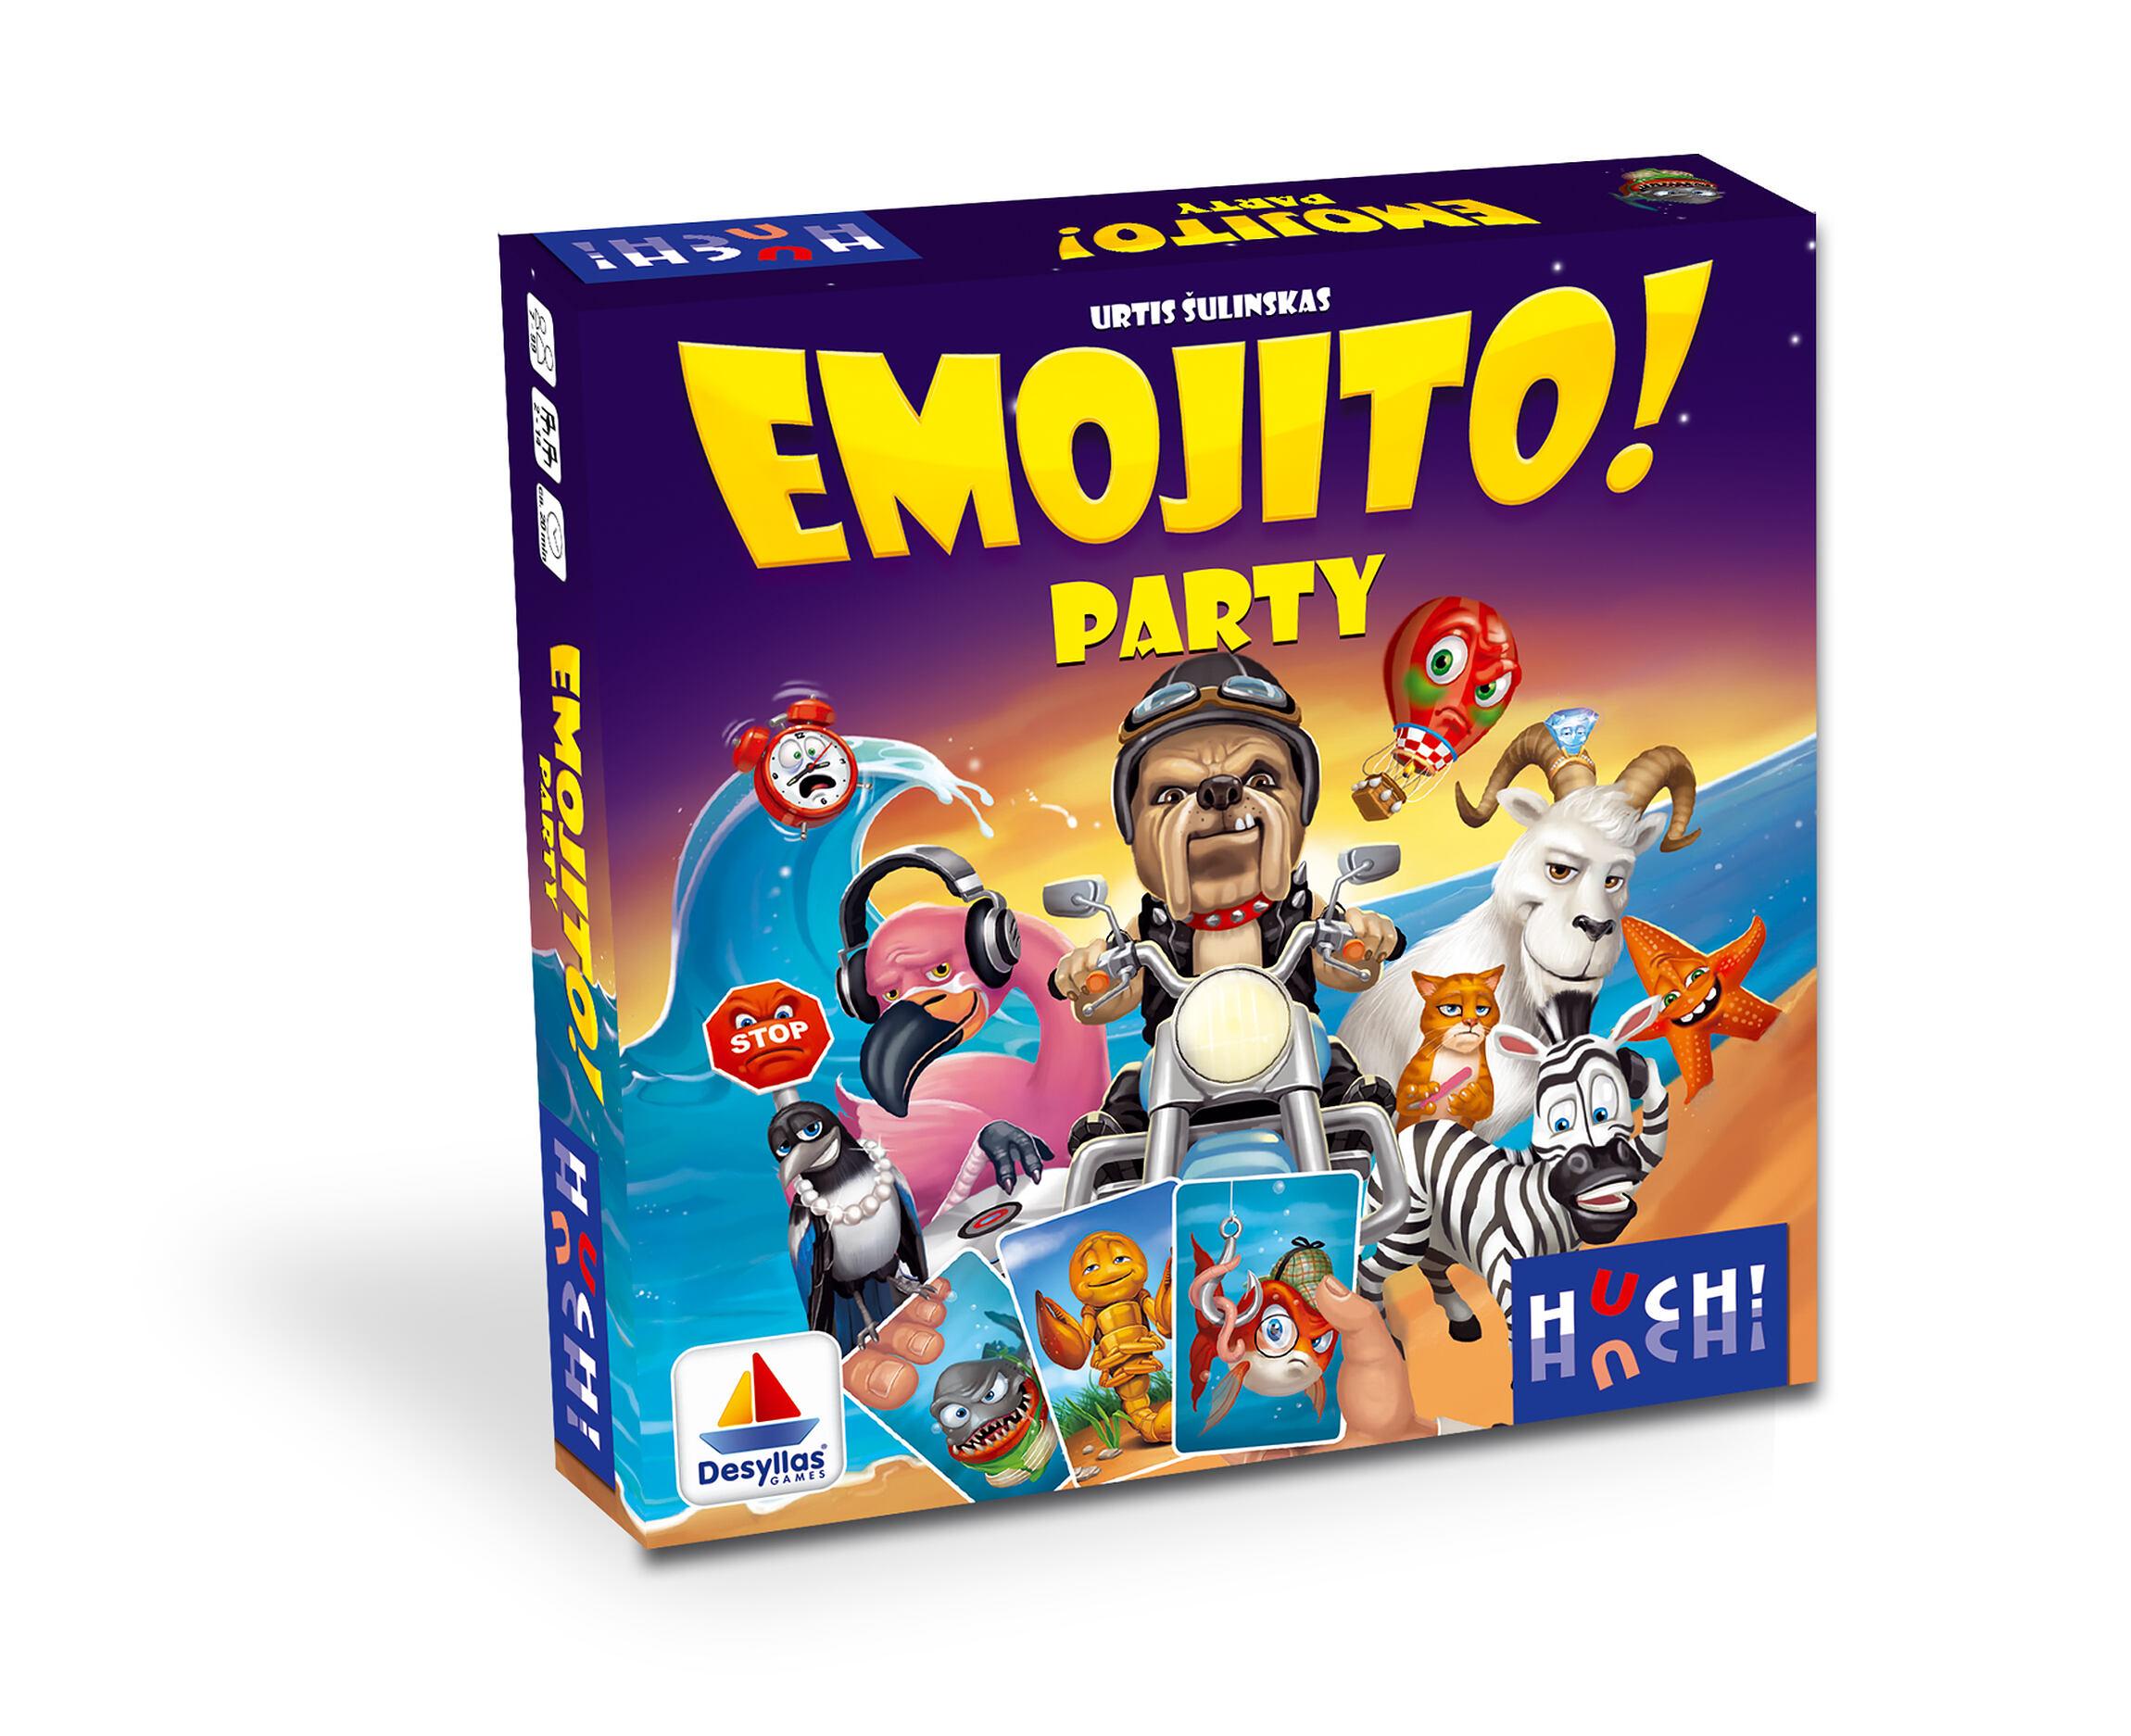 Emojito! Party